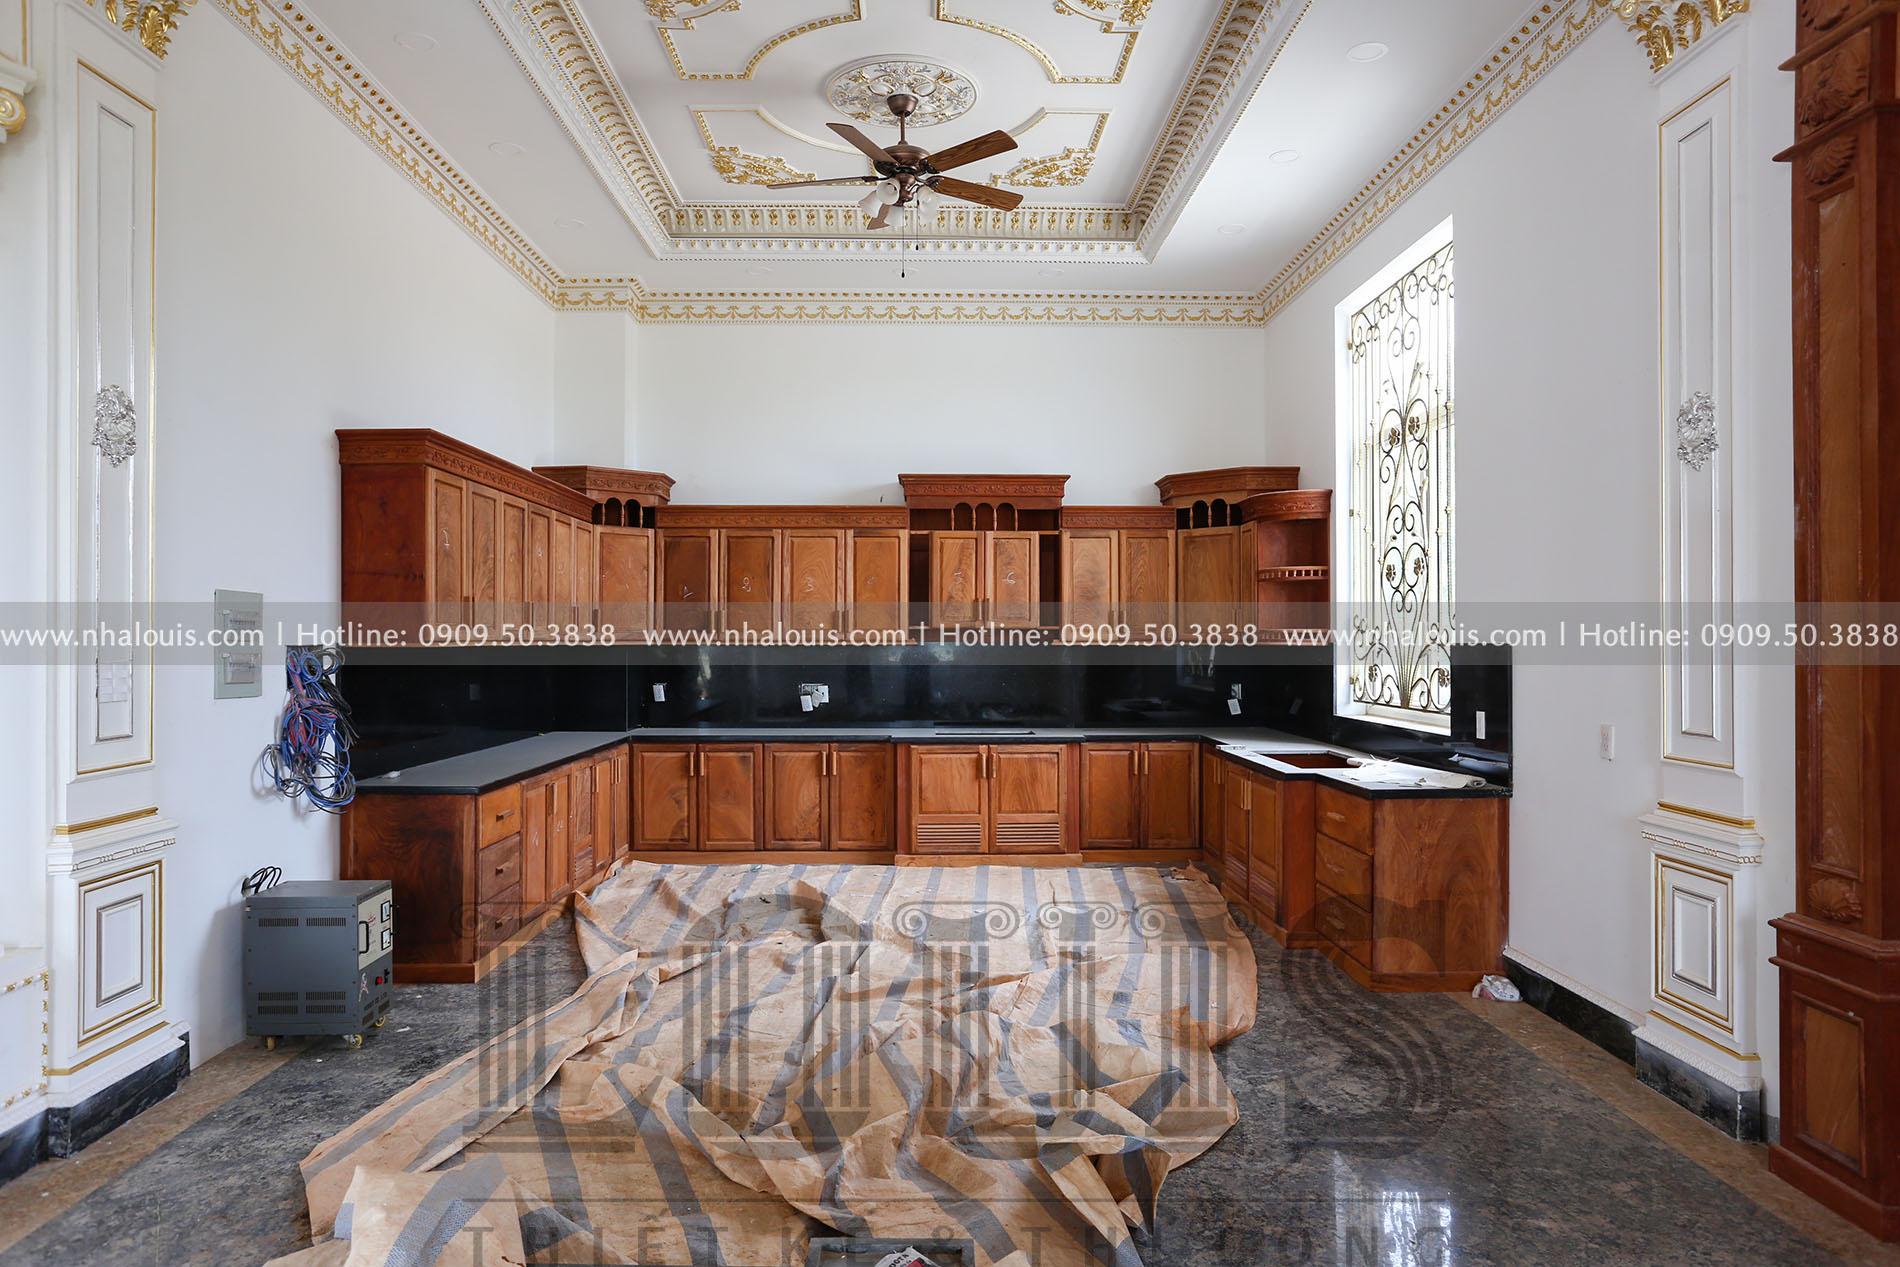 Hình ảnh lắp đặt tủ bếp gỗ